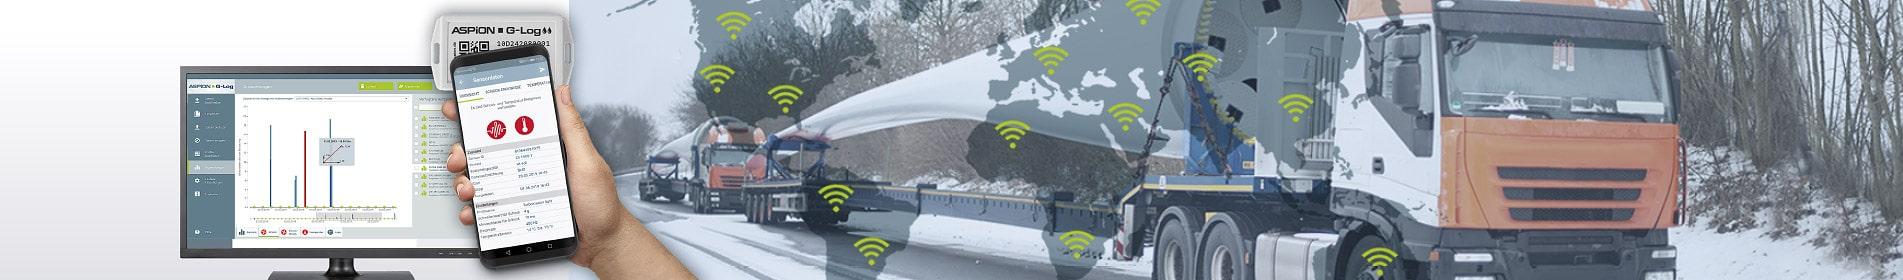 Transportüberwachung mit Datenlogger von ASPION - kostengünstig und kabellos